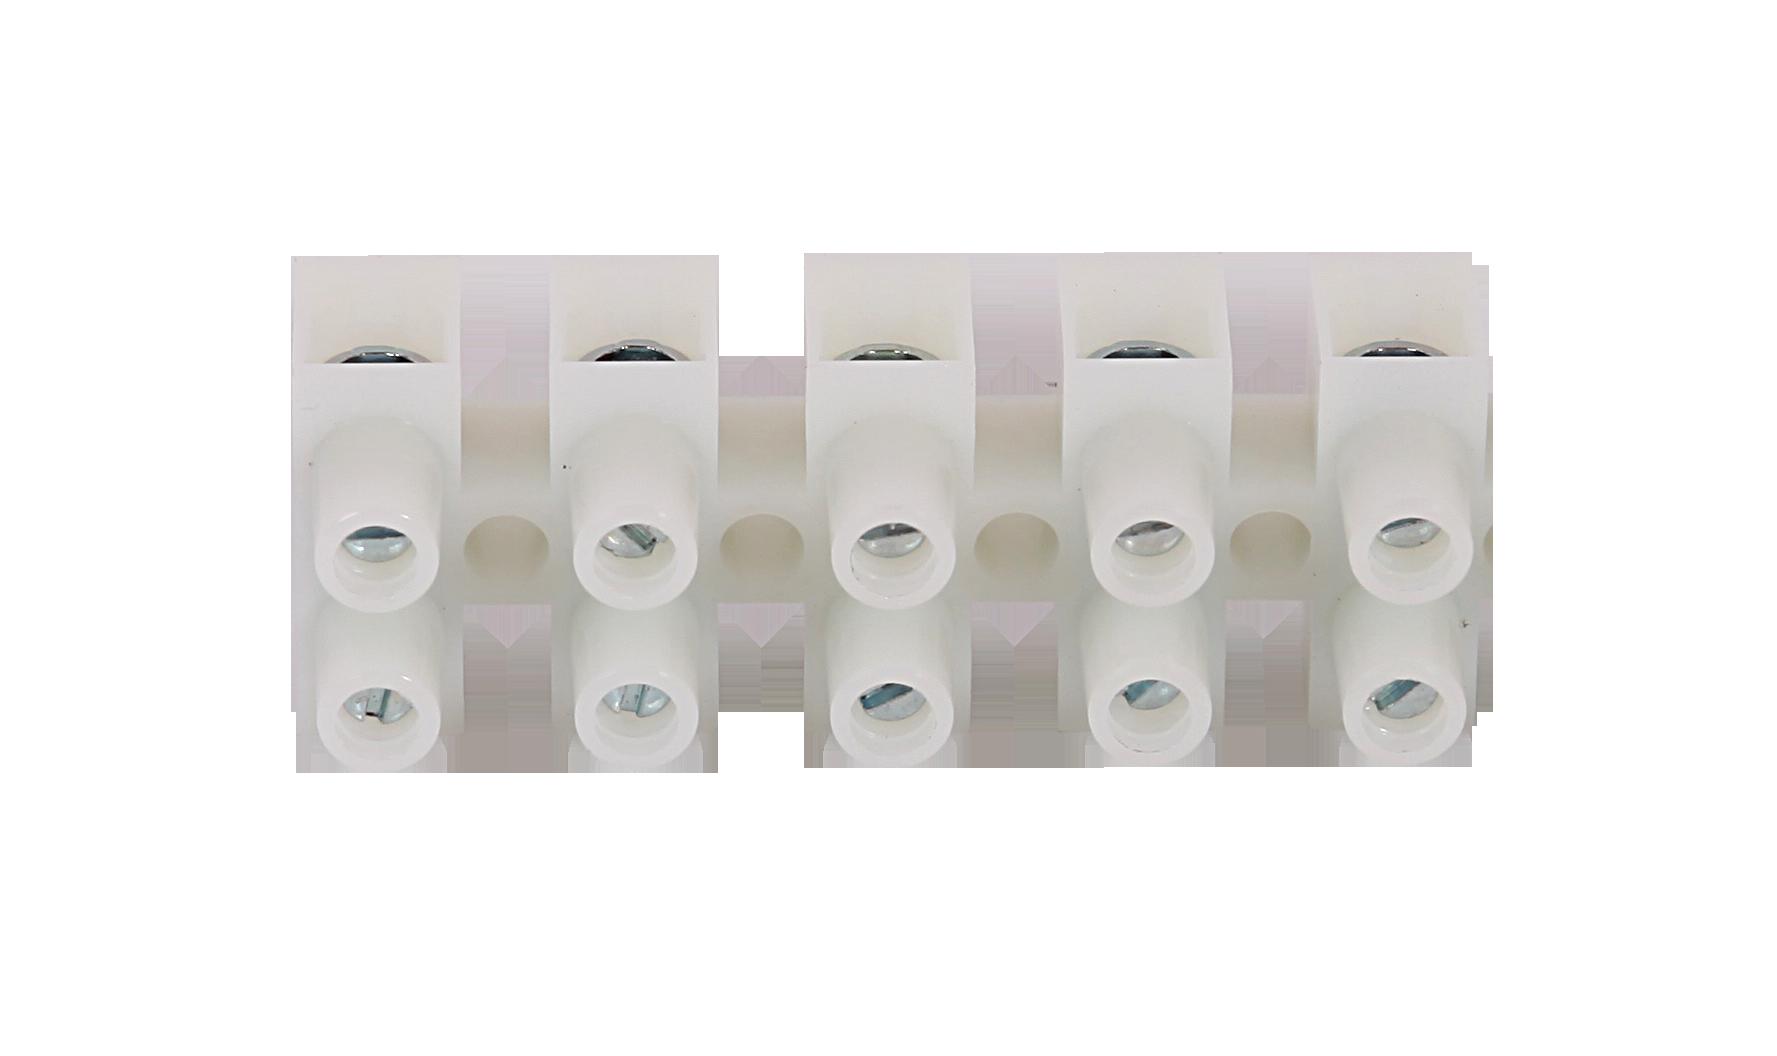 Кабель, клеммы, выключатели: Клеммная колодка 5-полюсная SAWO HP01-066 колодка стартовая соревновательная алюминиевая с удлинёнными упорами для ног polanik pbs15 03 w